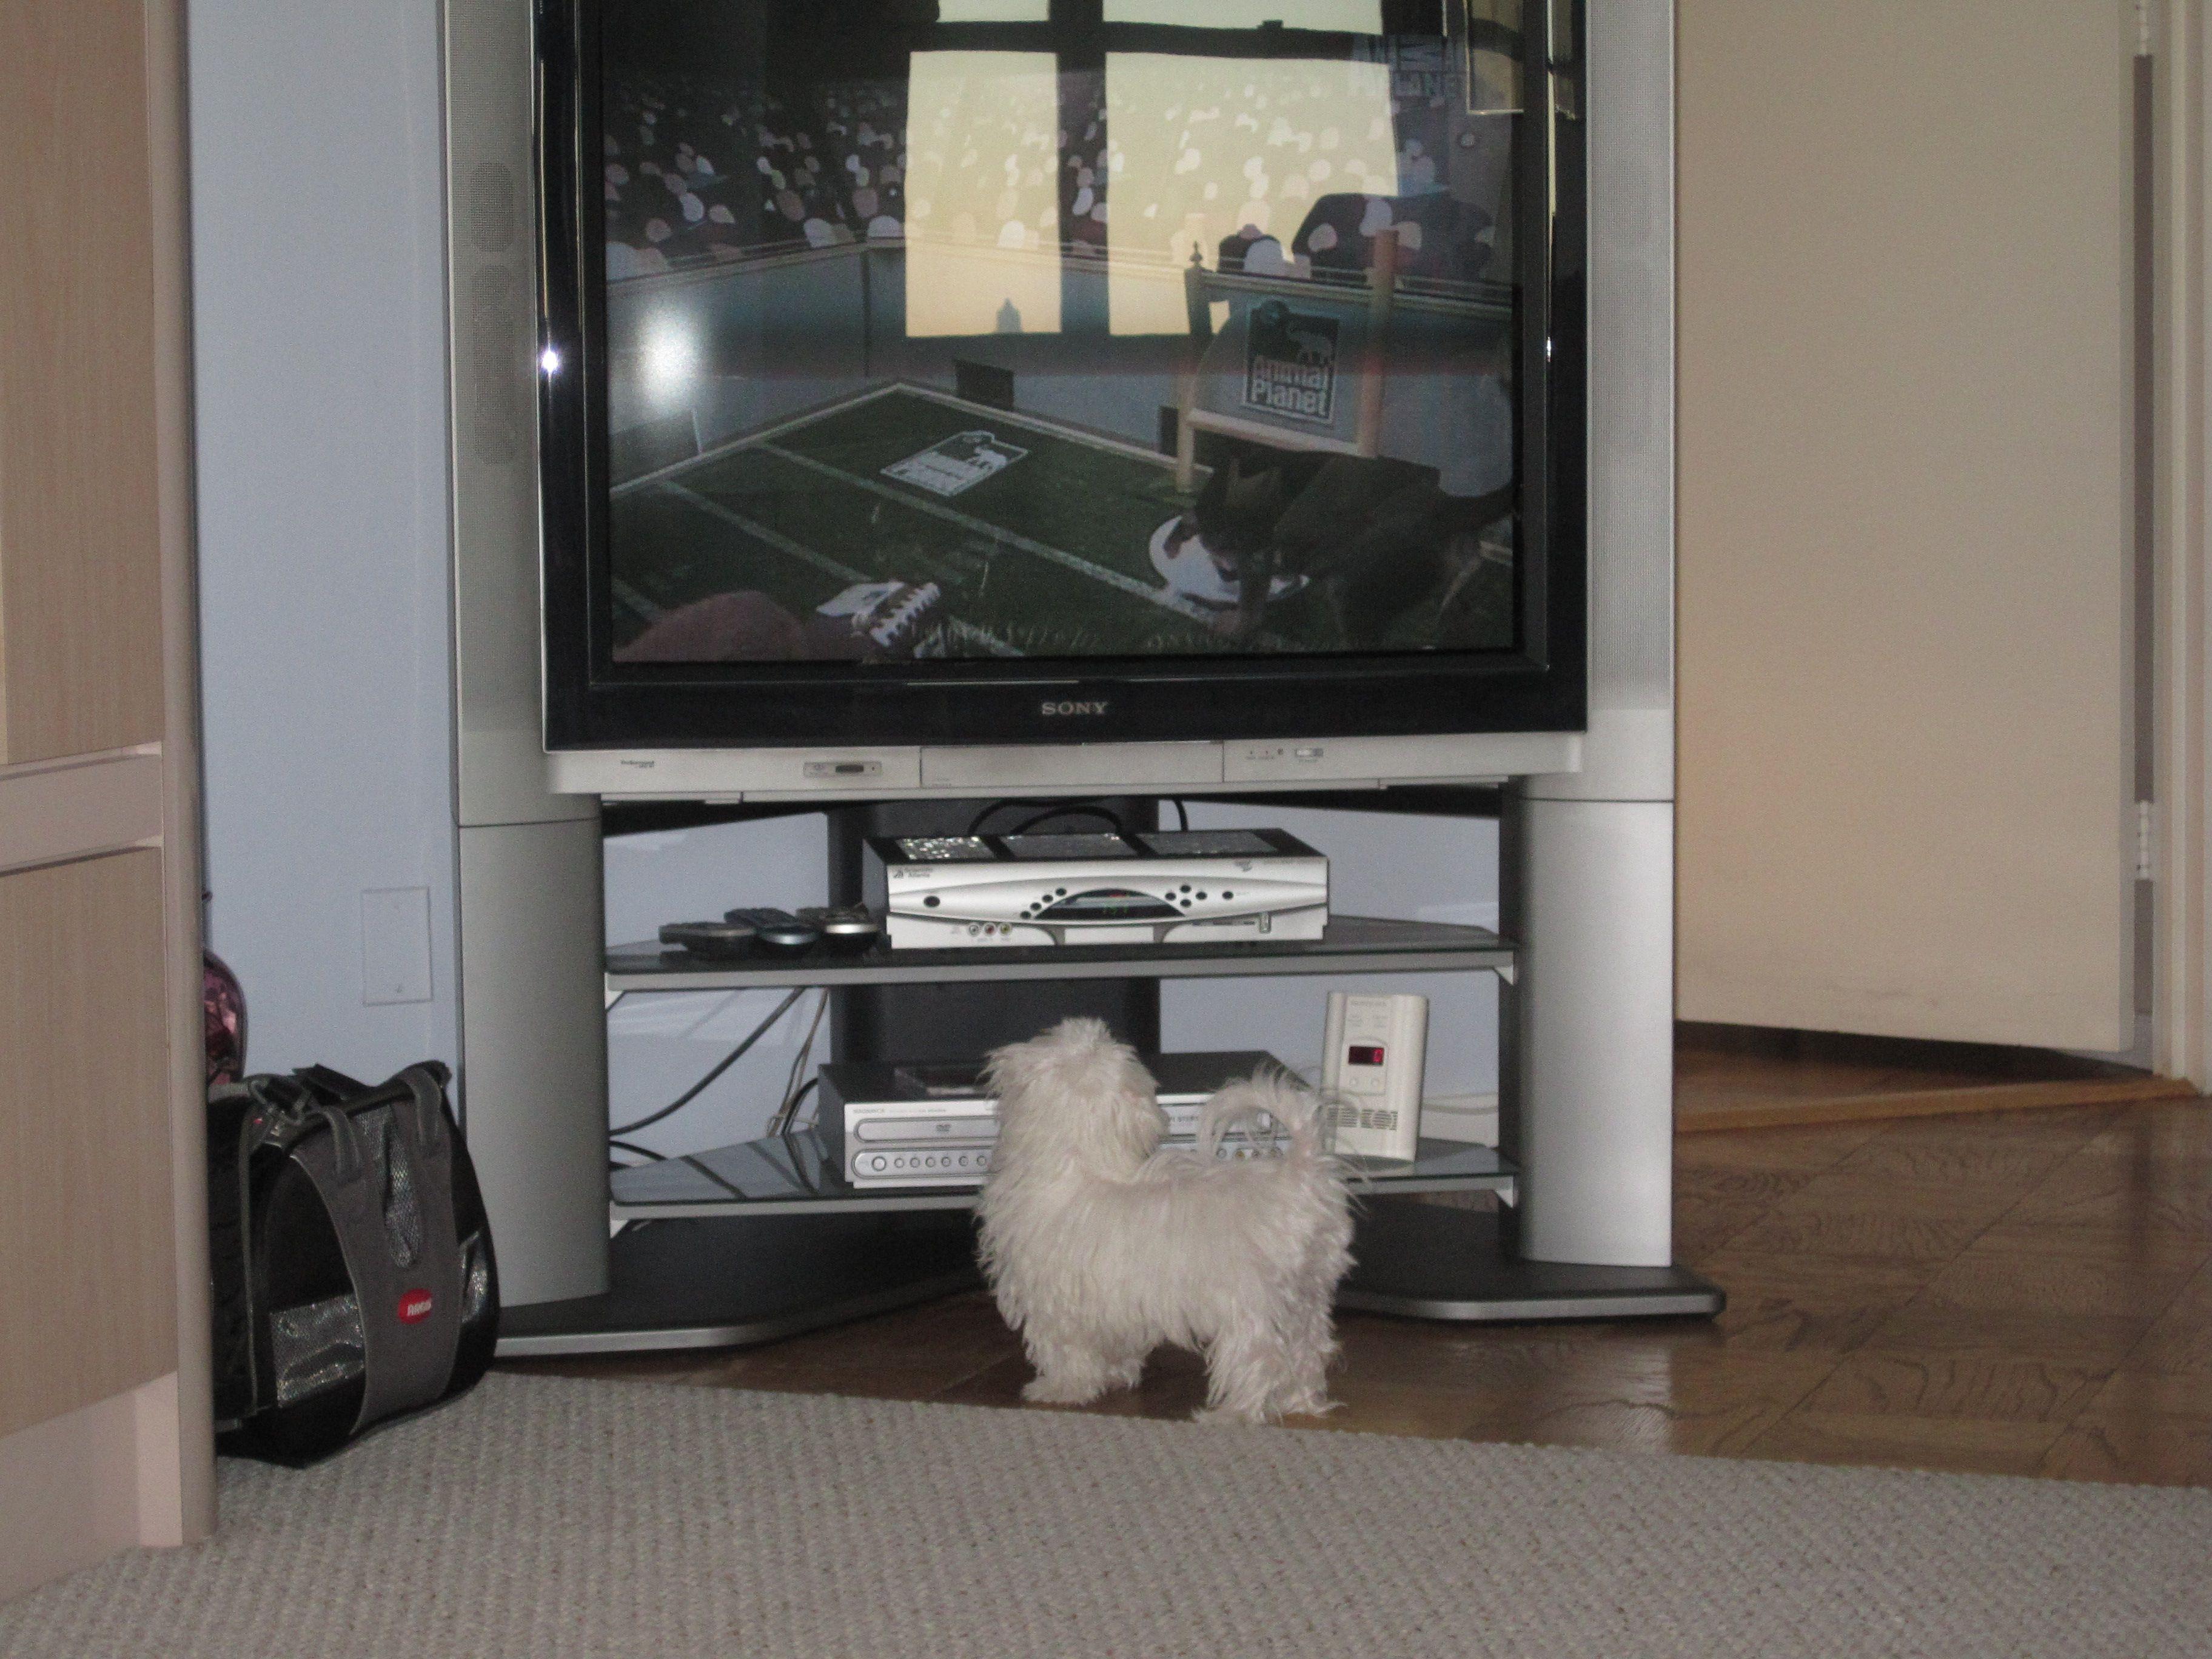 Watch Tv Tv Flat Screen Flatscreen Tv